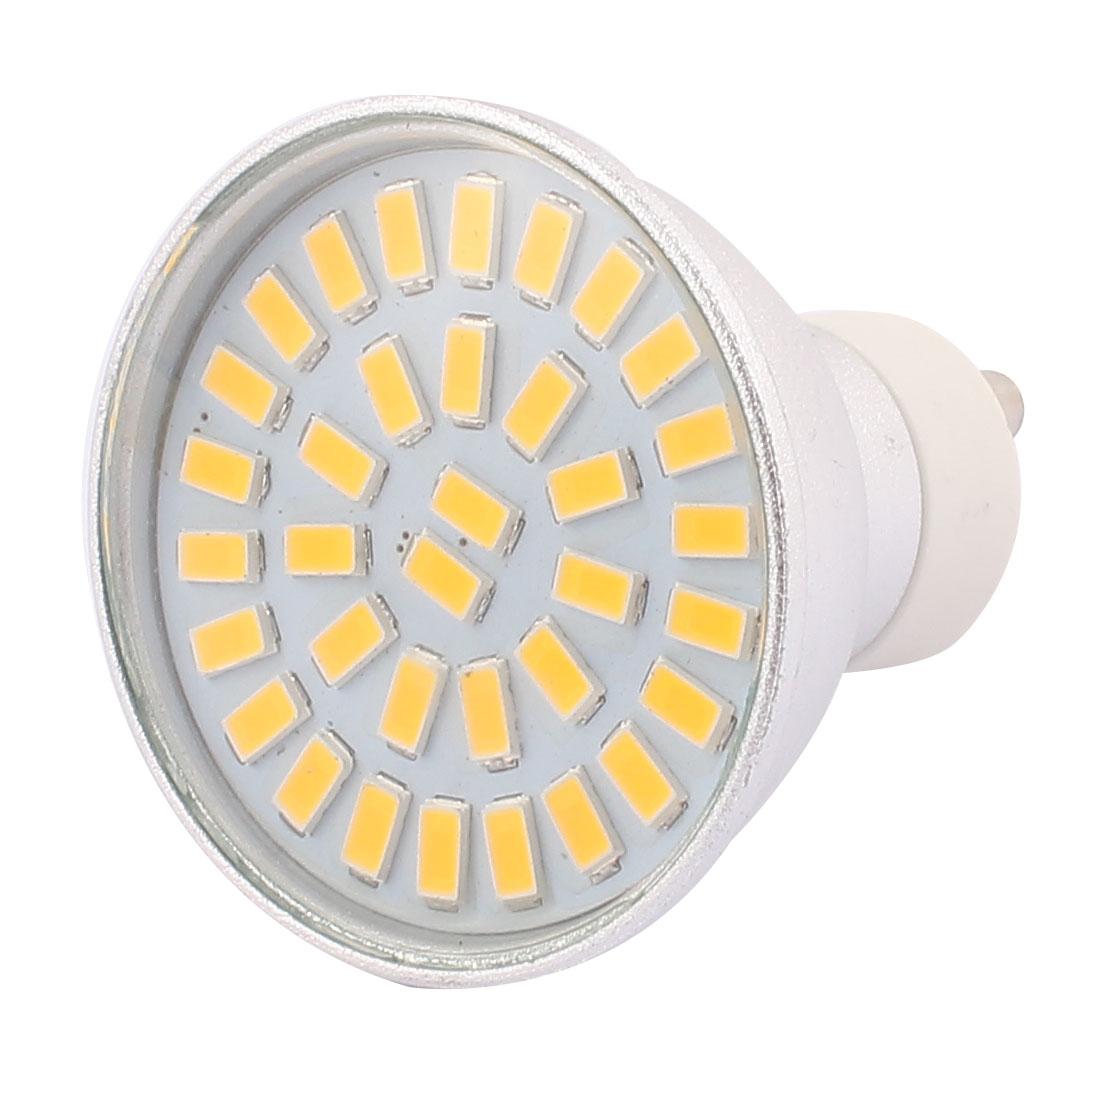 220V-240V GU10 LED Light 5W 5730 SMD 35 LEDs Spotlight Down Lamp Bulb Energy Saving Warm White